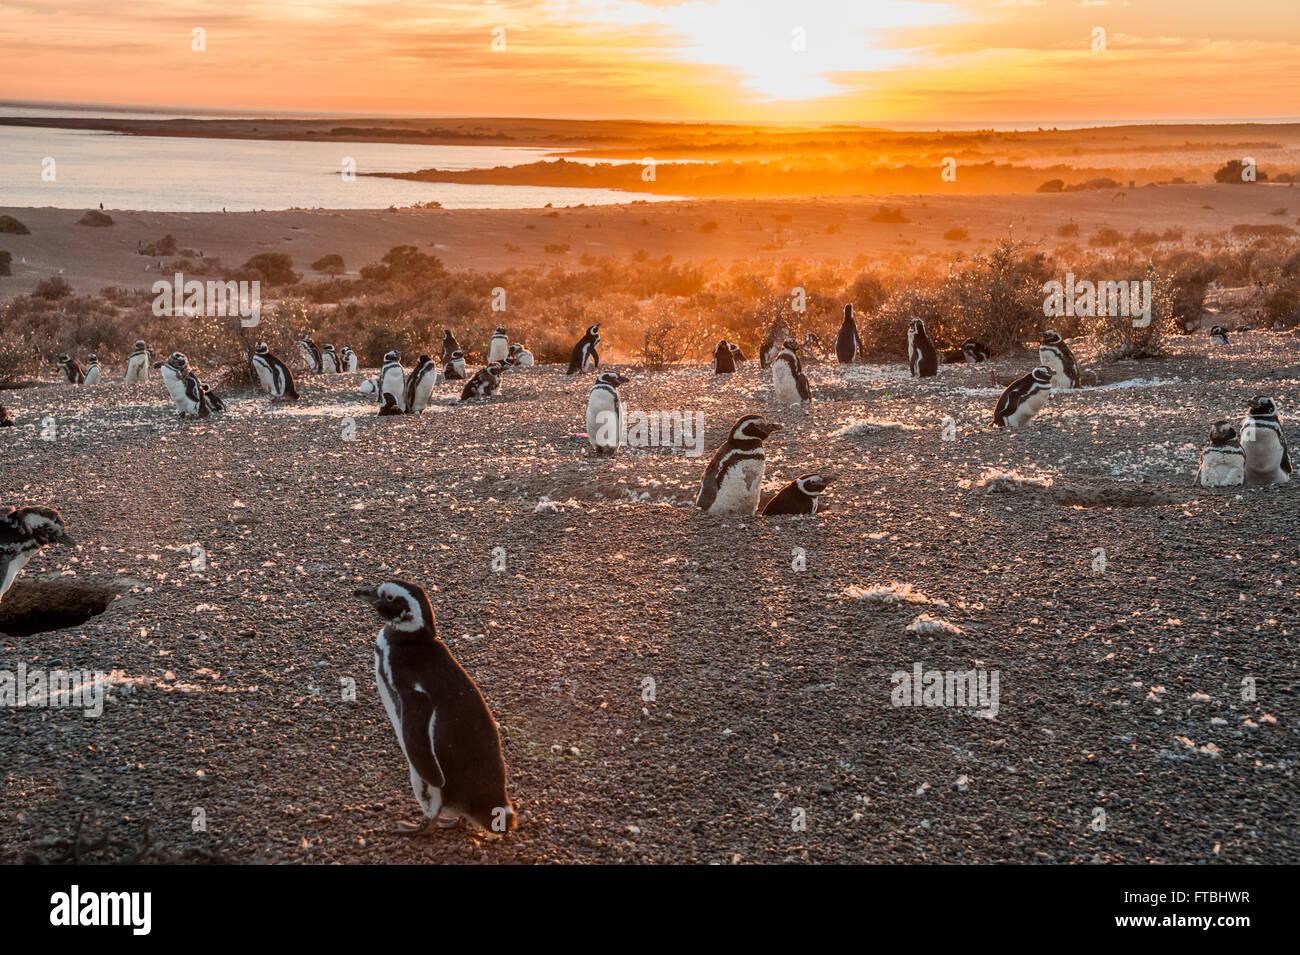 Los pingüinos magallánicos, temprano por la mañana en Punta Tombo, Patagonia, Argentina Imagen De Stock